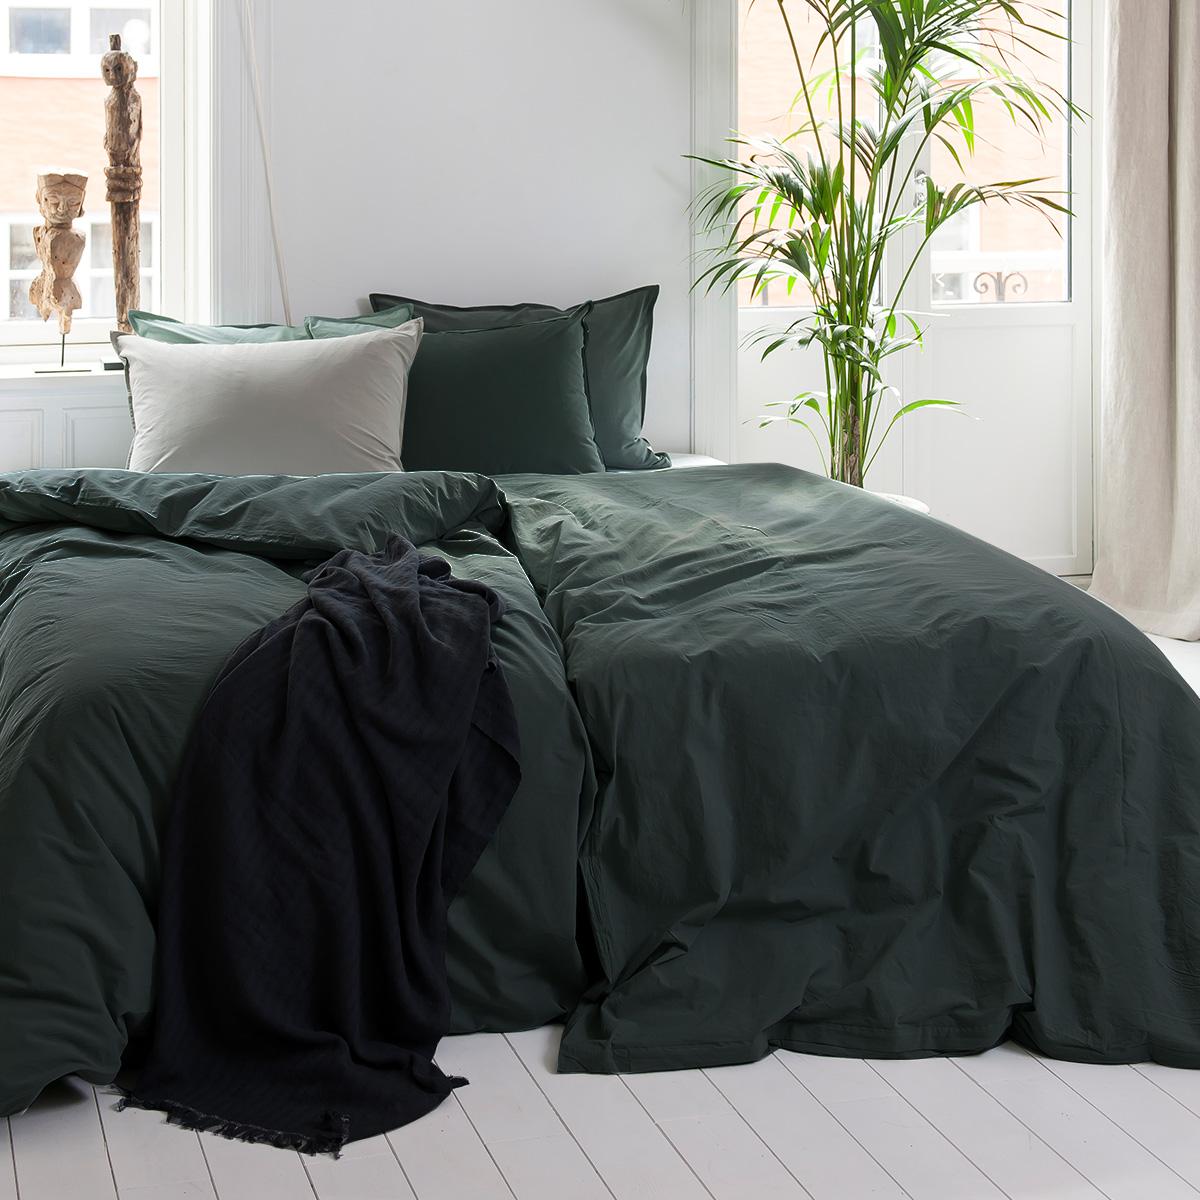 Billede af Borås sengelinned Loft Teal 140x200cm